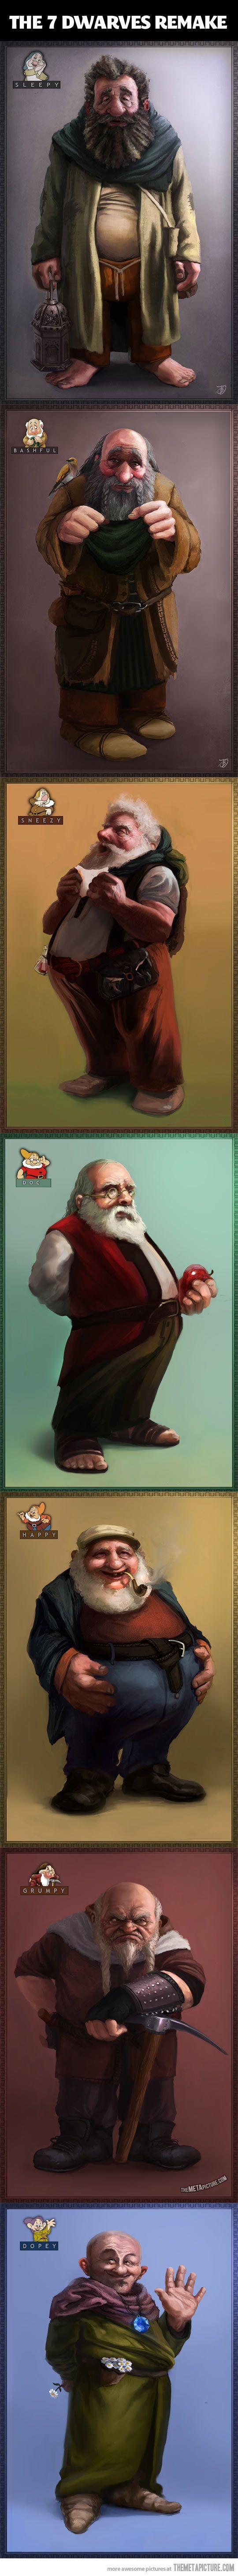 The 7 Dwarves reimagined… is it odd that I find dwarves absolutely adorable? << I love dwarves!